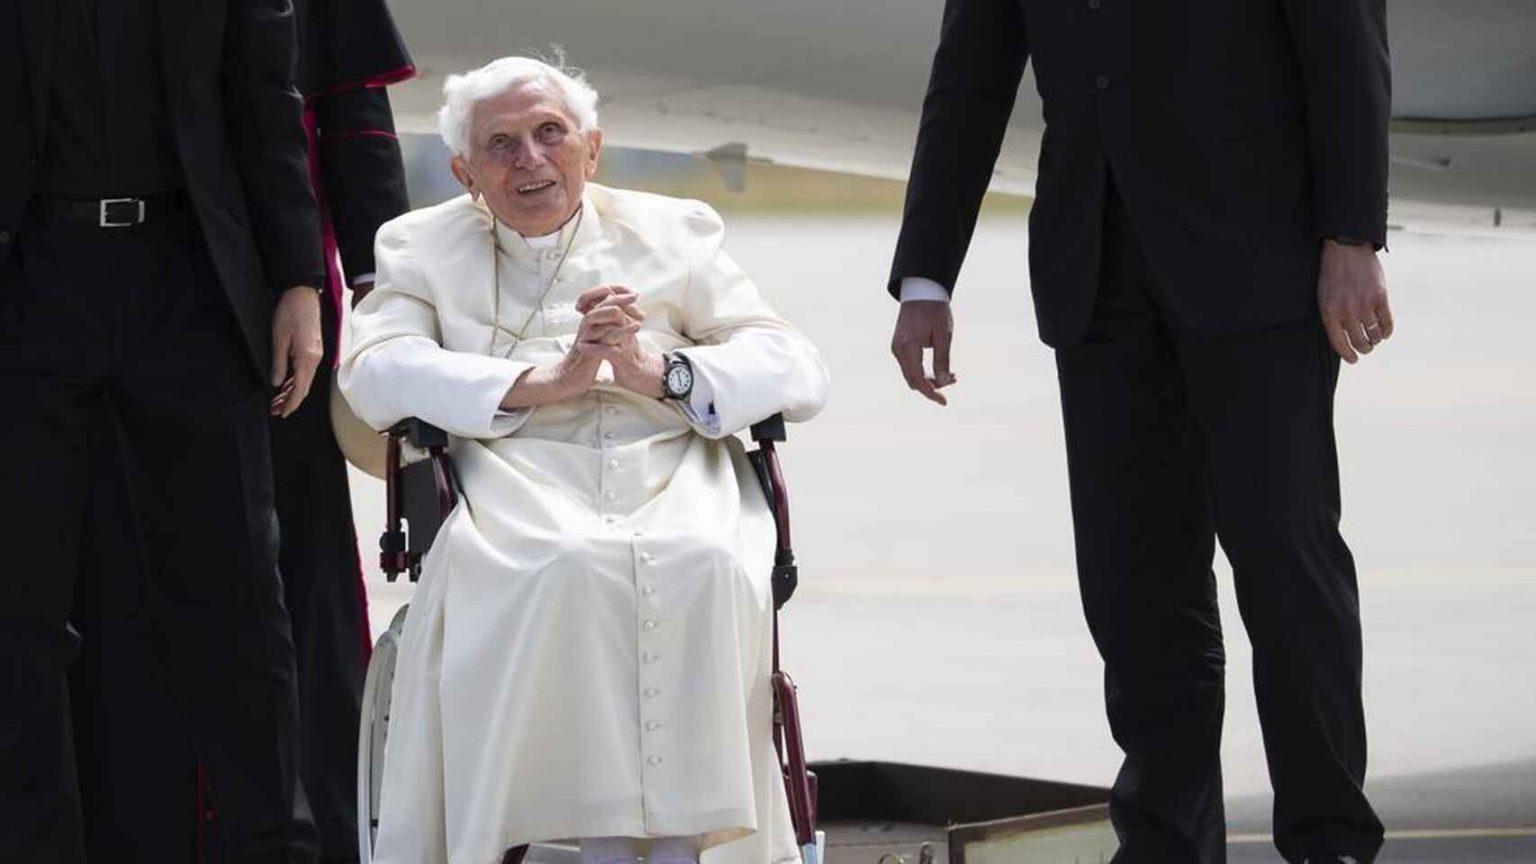 Benedicto_XVI-Religion-Mundo_510209635_156968174_1706x960-1536x864